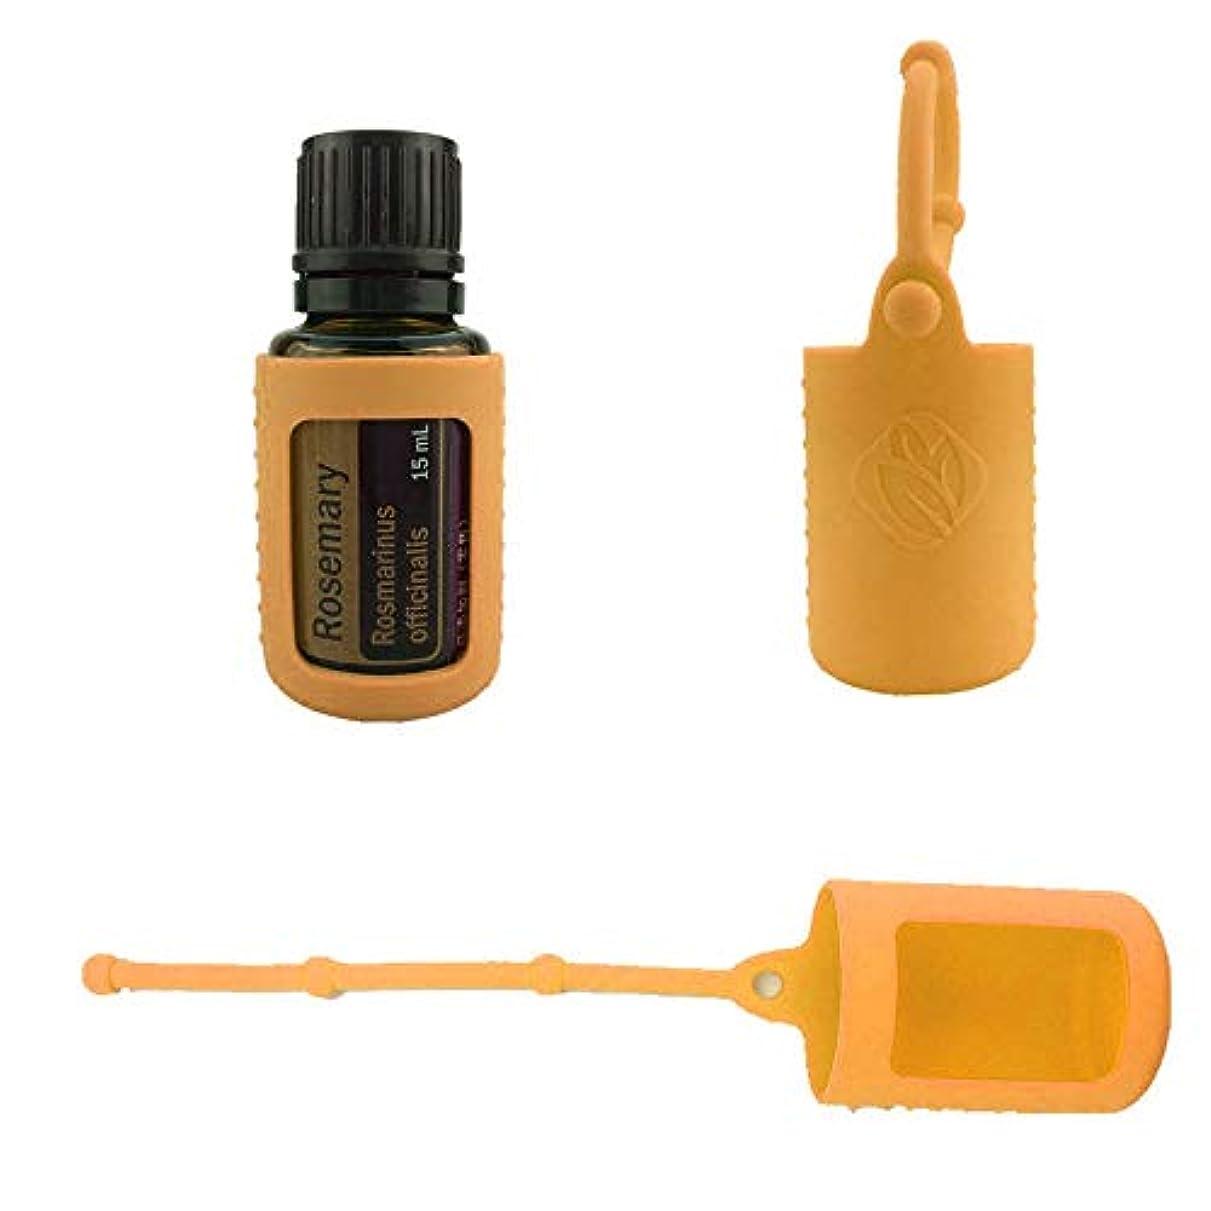 操作減少聖なる6パック熱望オイルボトルシリコンローラーボトルホルダースリーブエッセンシャルオイルボトル保護カバーケースハングロープ - オレンジ - 6-pcs 5ml